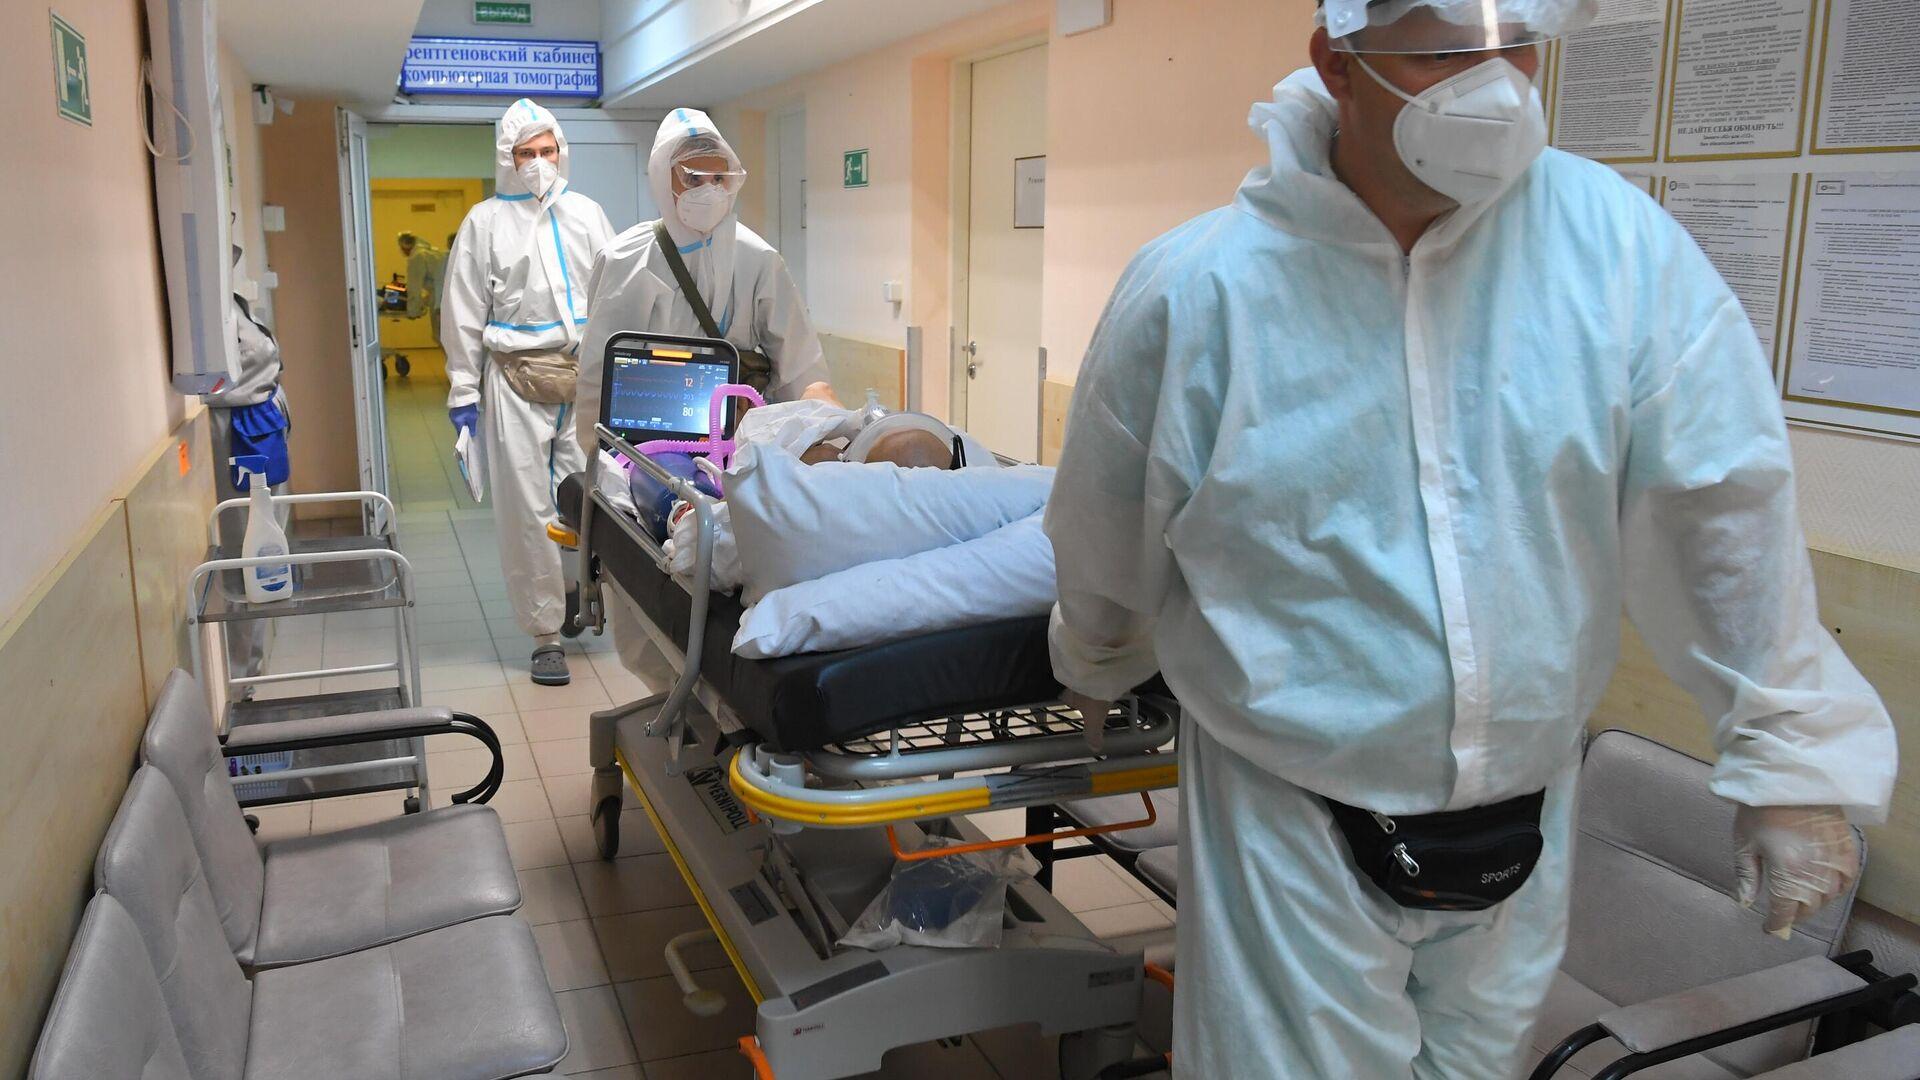 Лечение больных с COVID-19 в ГКБ №52 - Sputnik Ўзбекистон, 1920, 29.09.2021